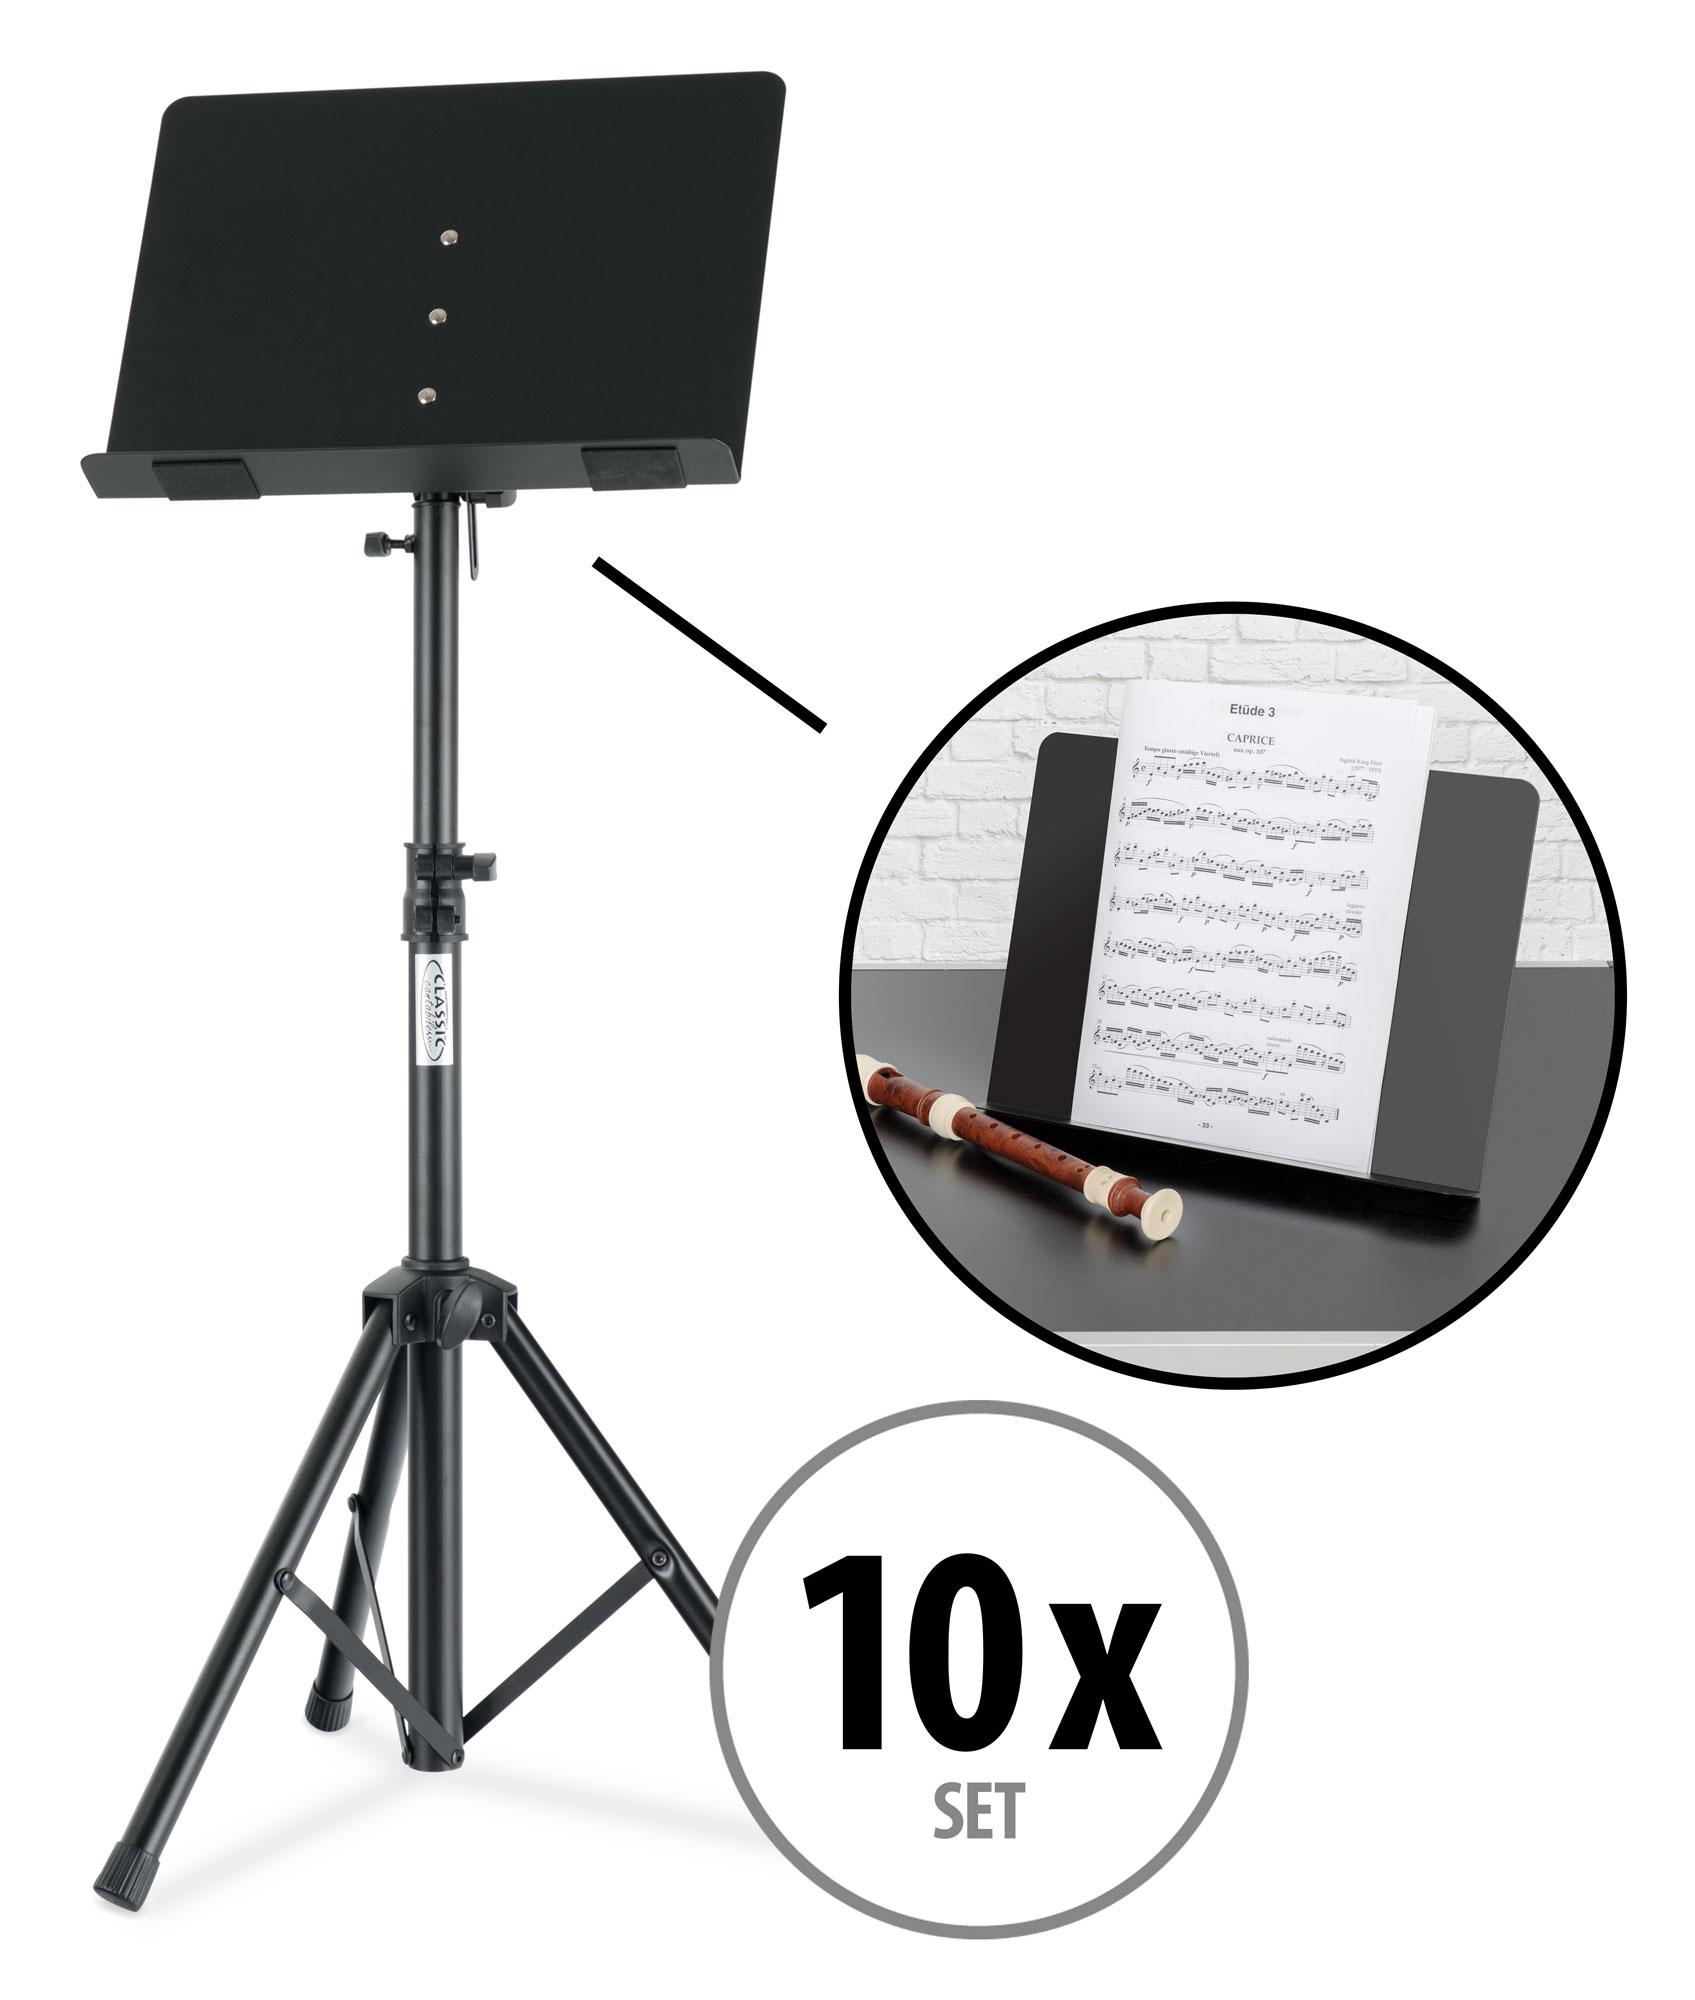 Musikerzubehoer - 10x Classic Cantabile OST 350 2 in 1 Notenpult Set - Onlineshop Musikhaus Kirstein